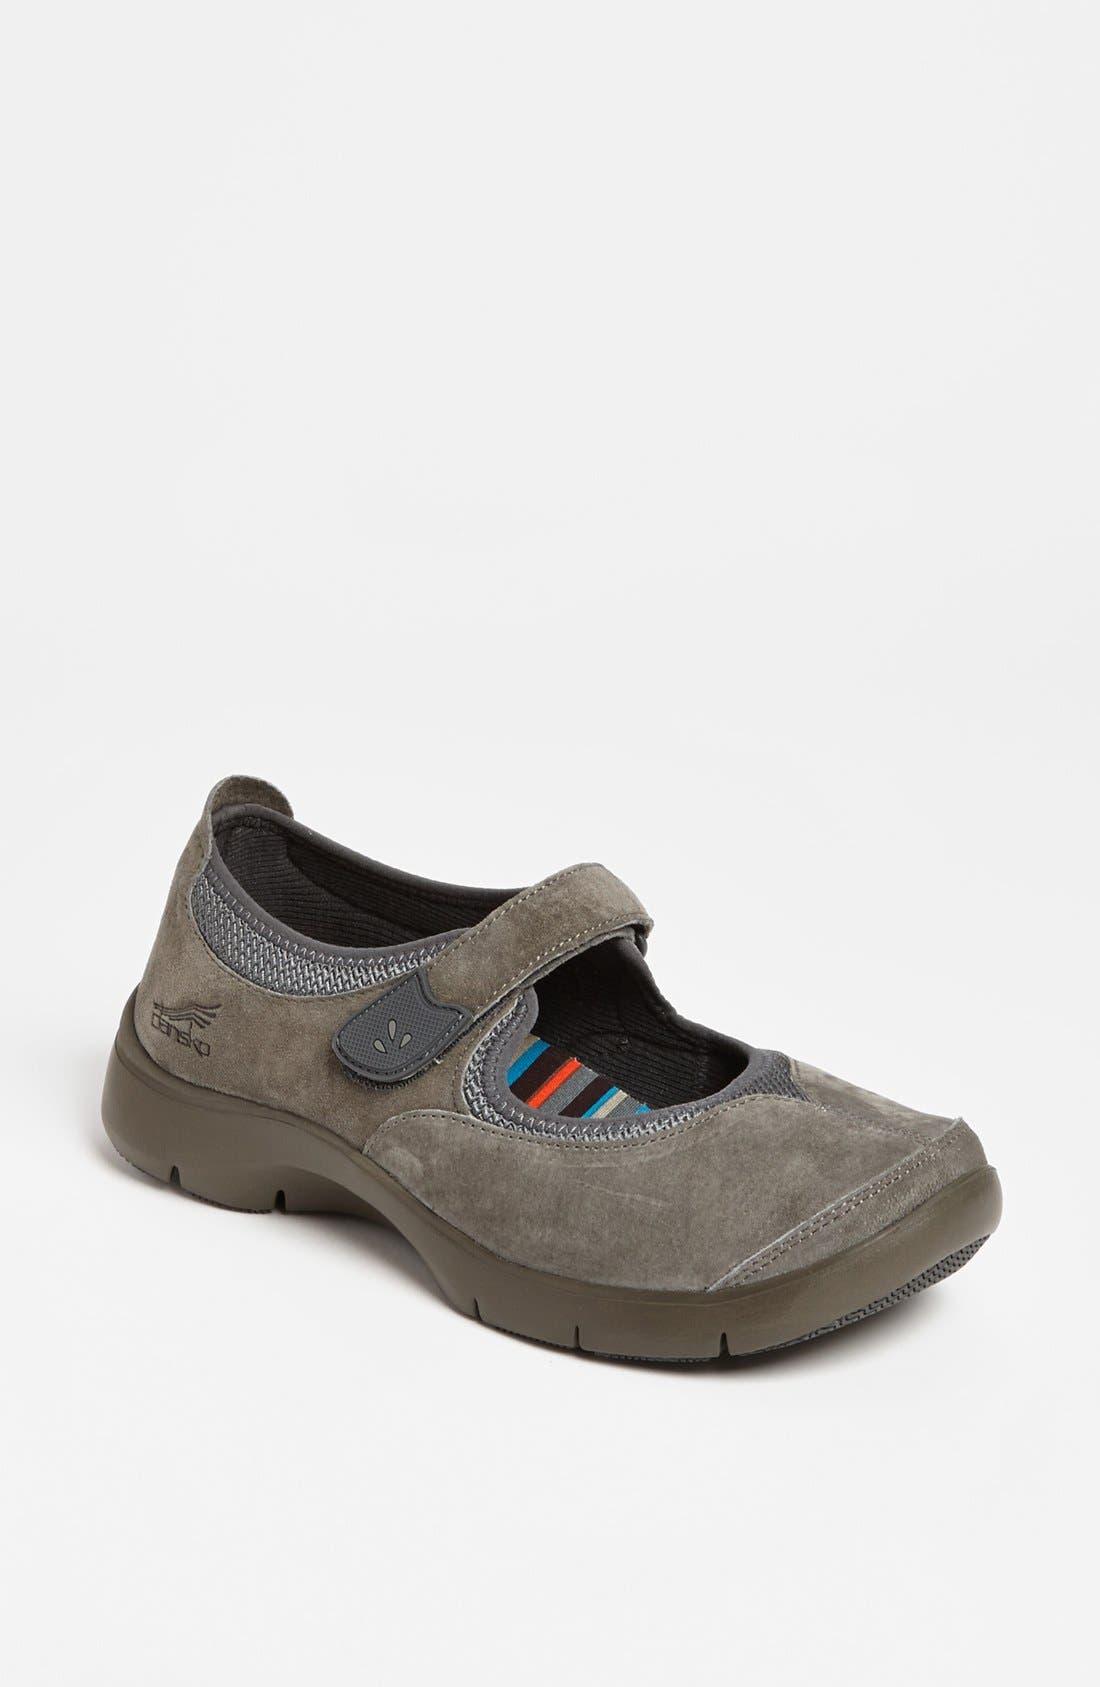 Alternate Image 1 Selected - Dansko 'Edda' Sneaker